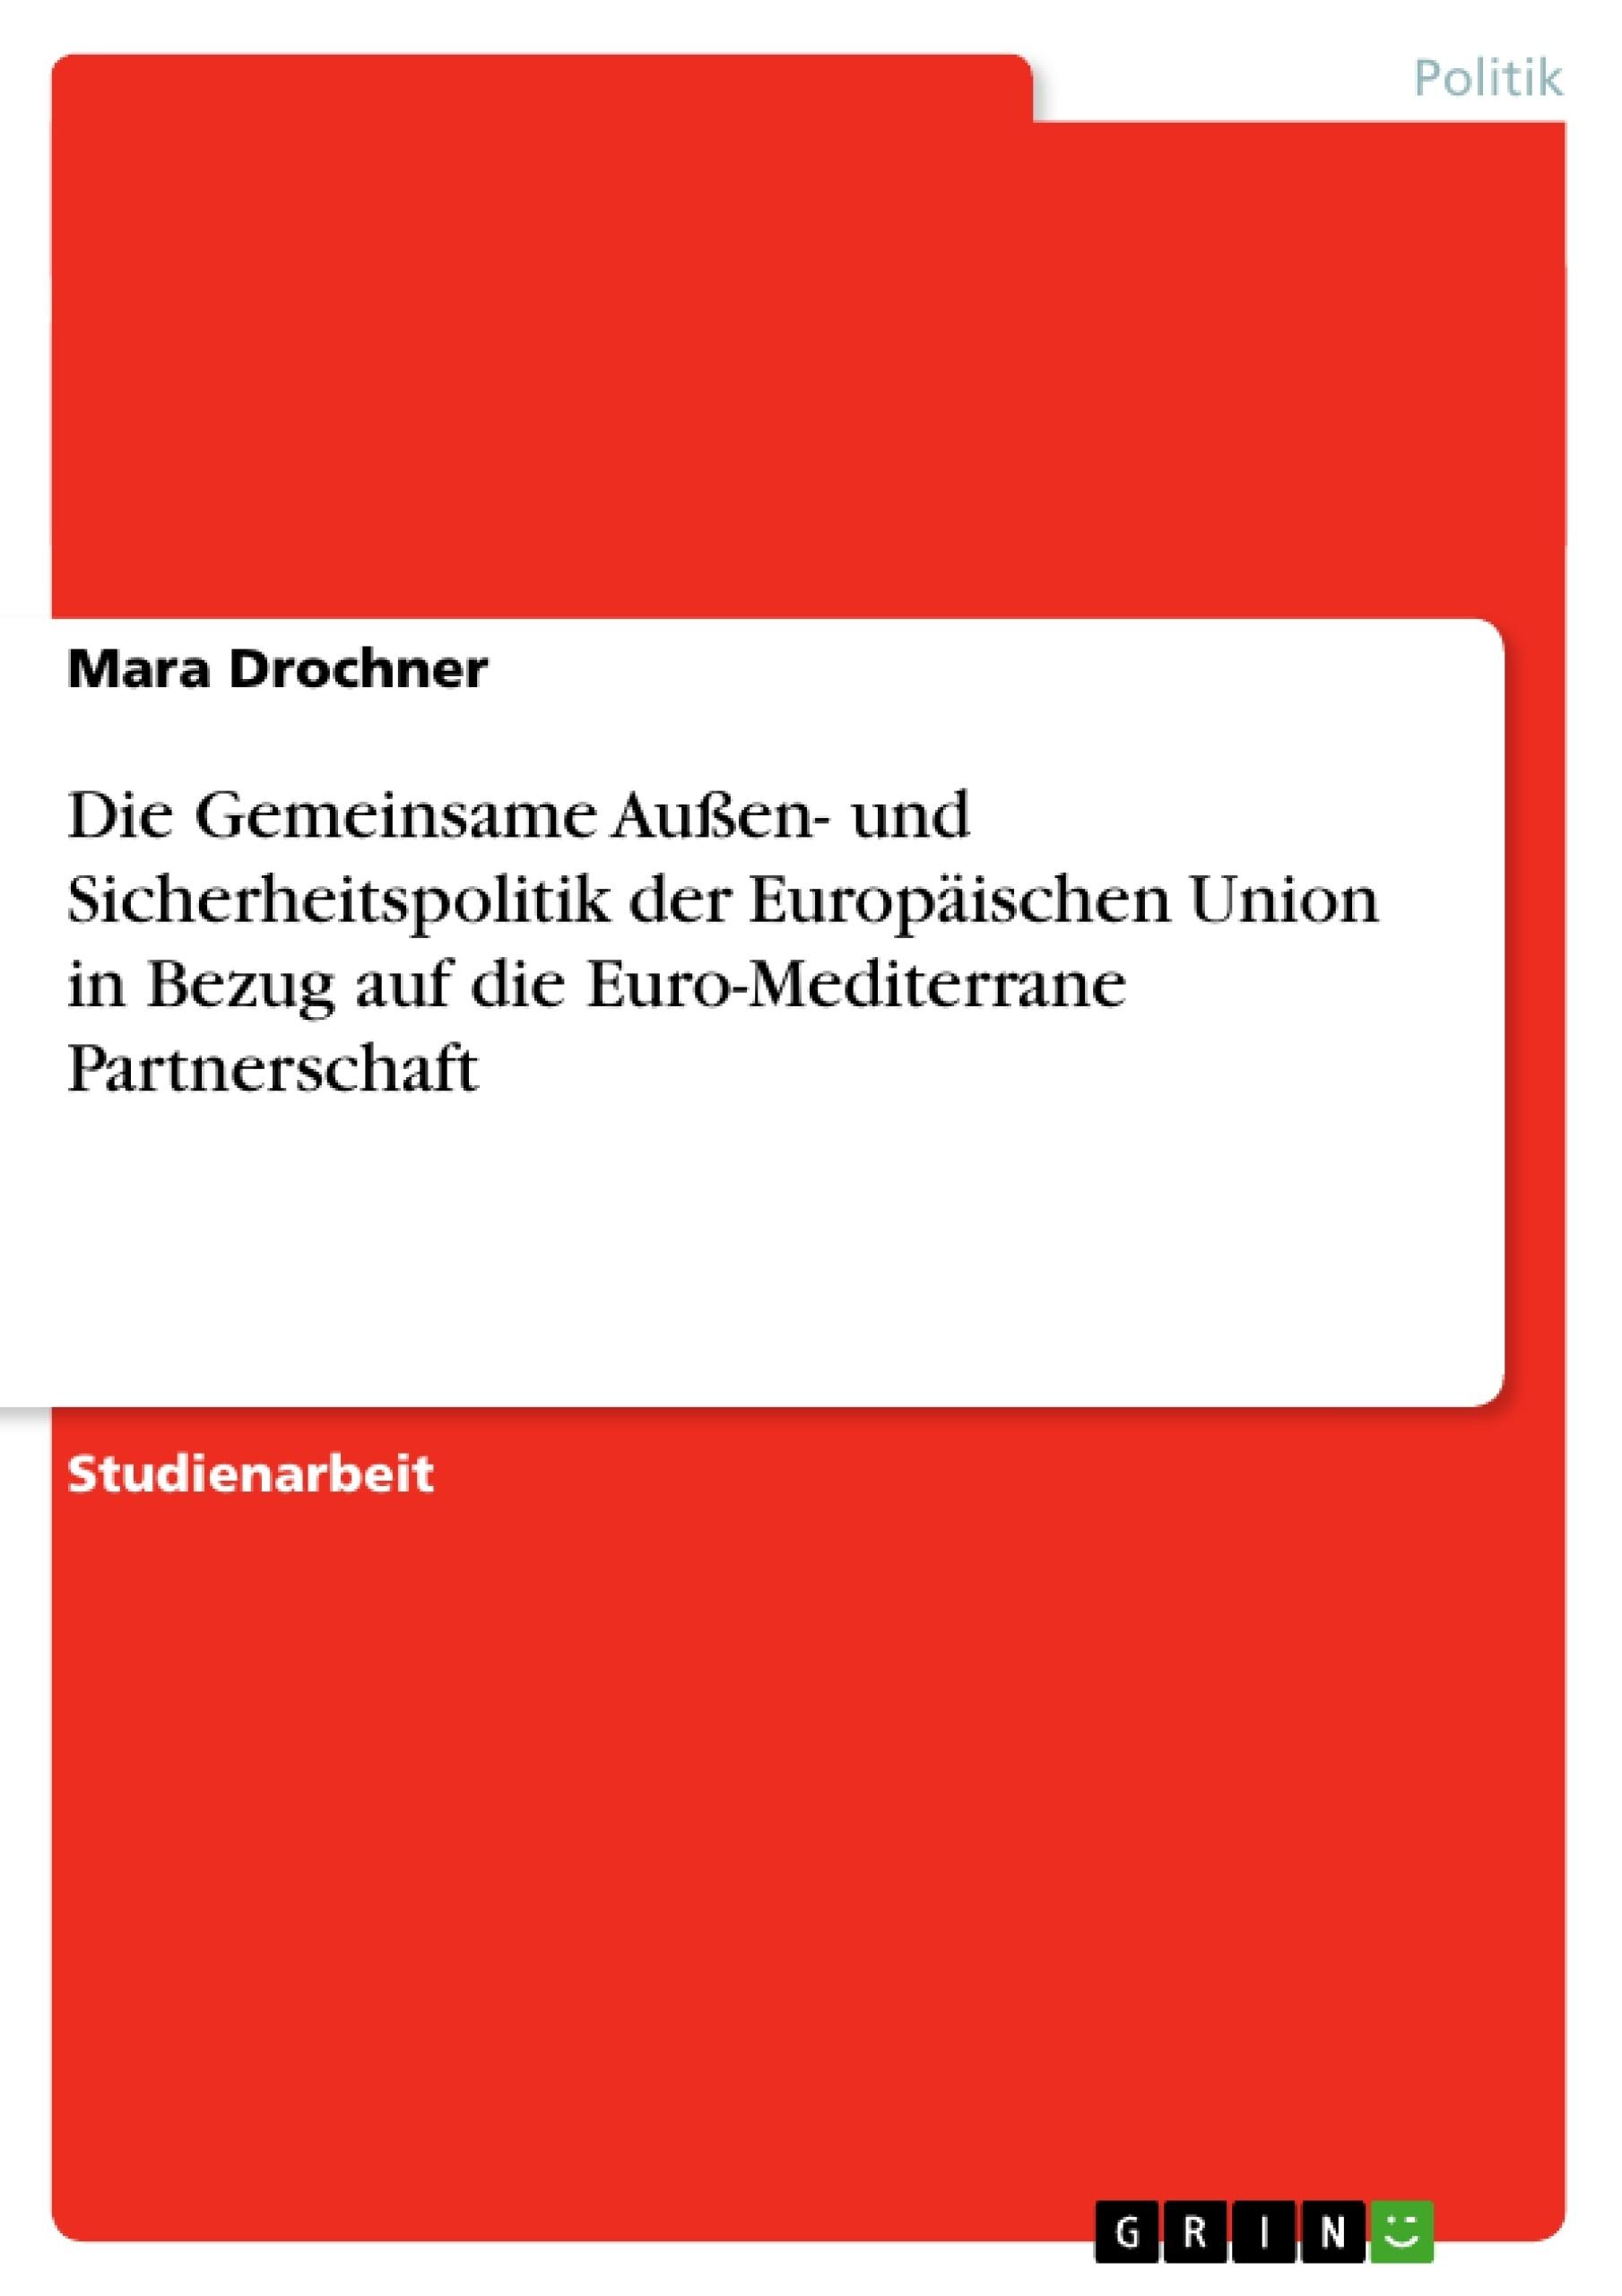 Titel: Die Gemeinsame Außen- und Sicherheitspolitik der Europäischen Union in Bezug auf die Euro-Mediterrane Partnerschaft